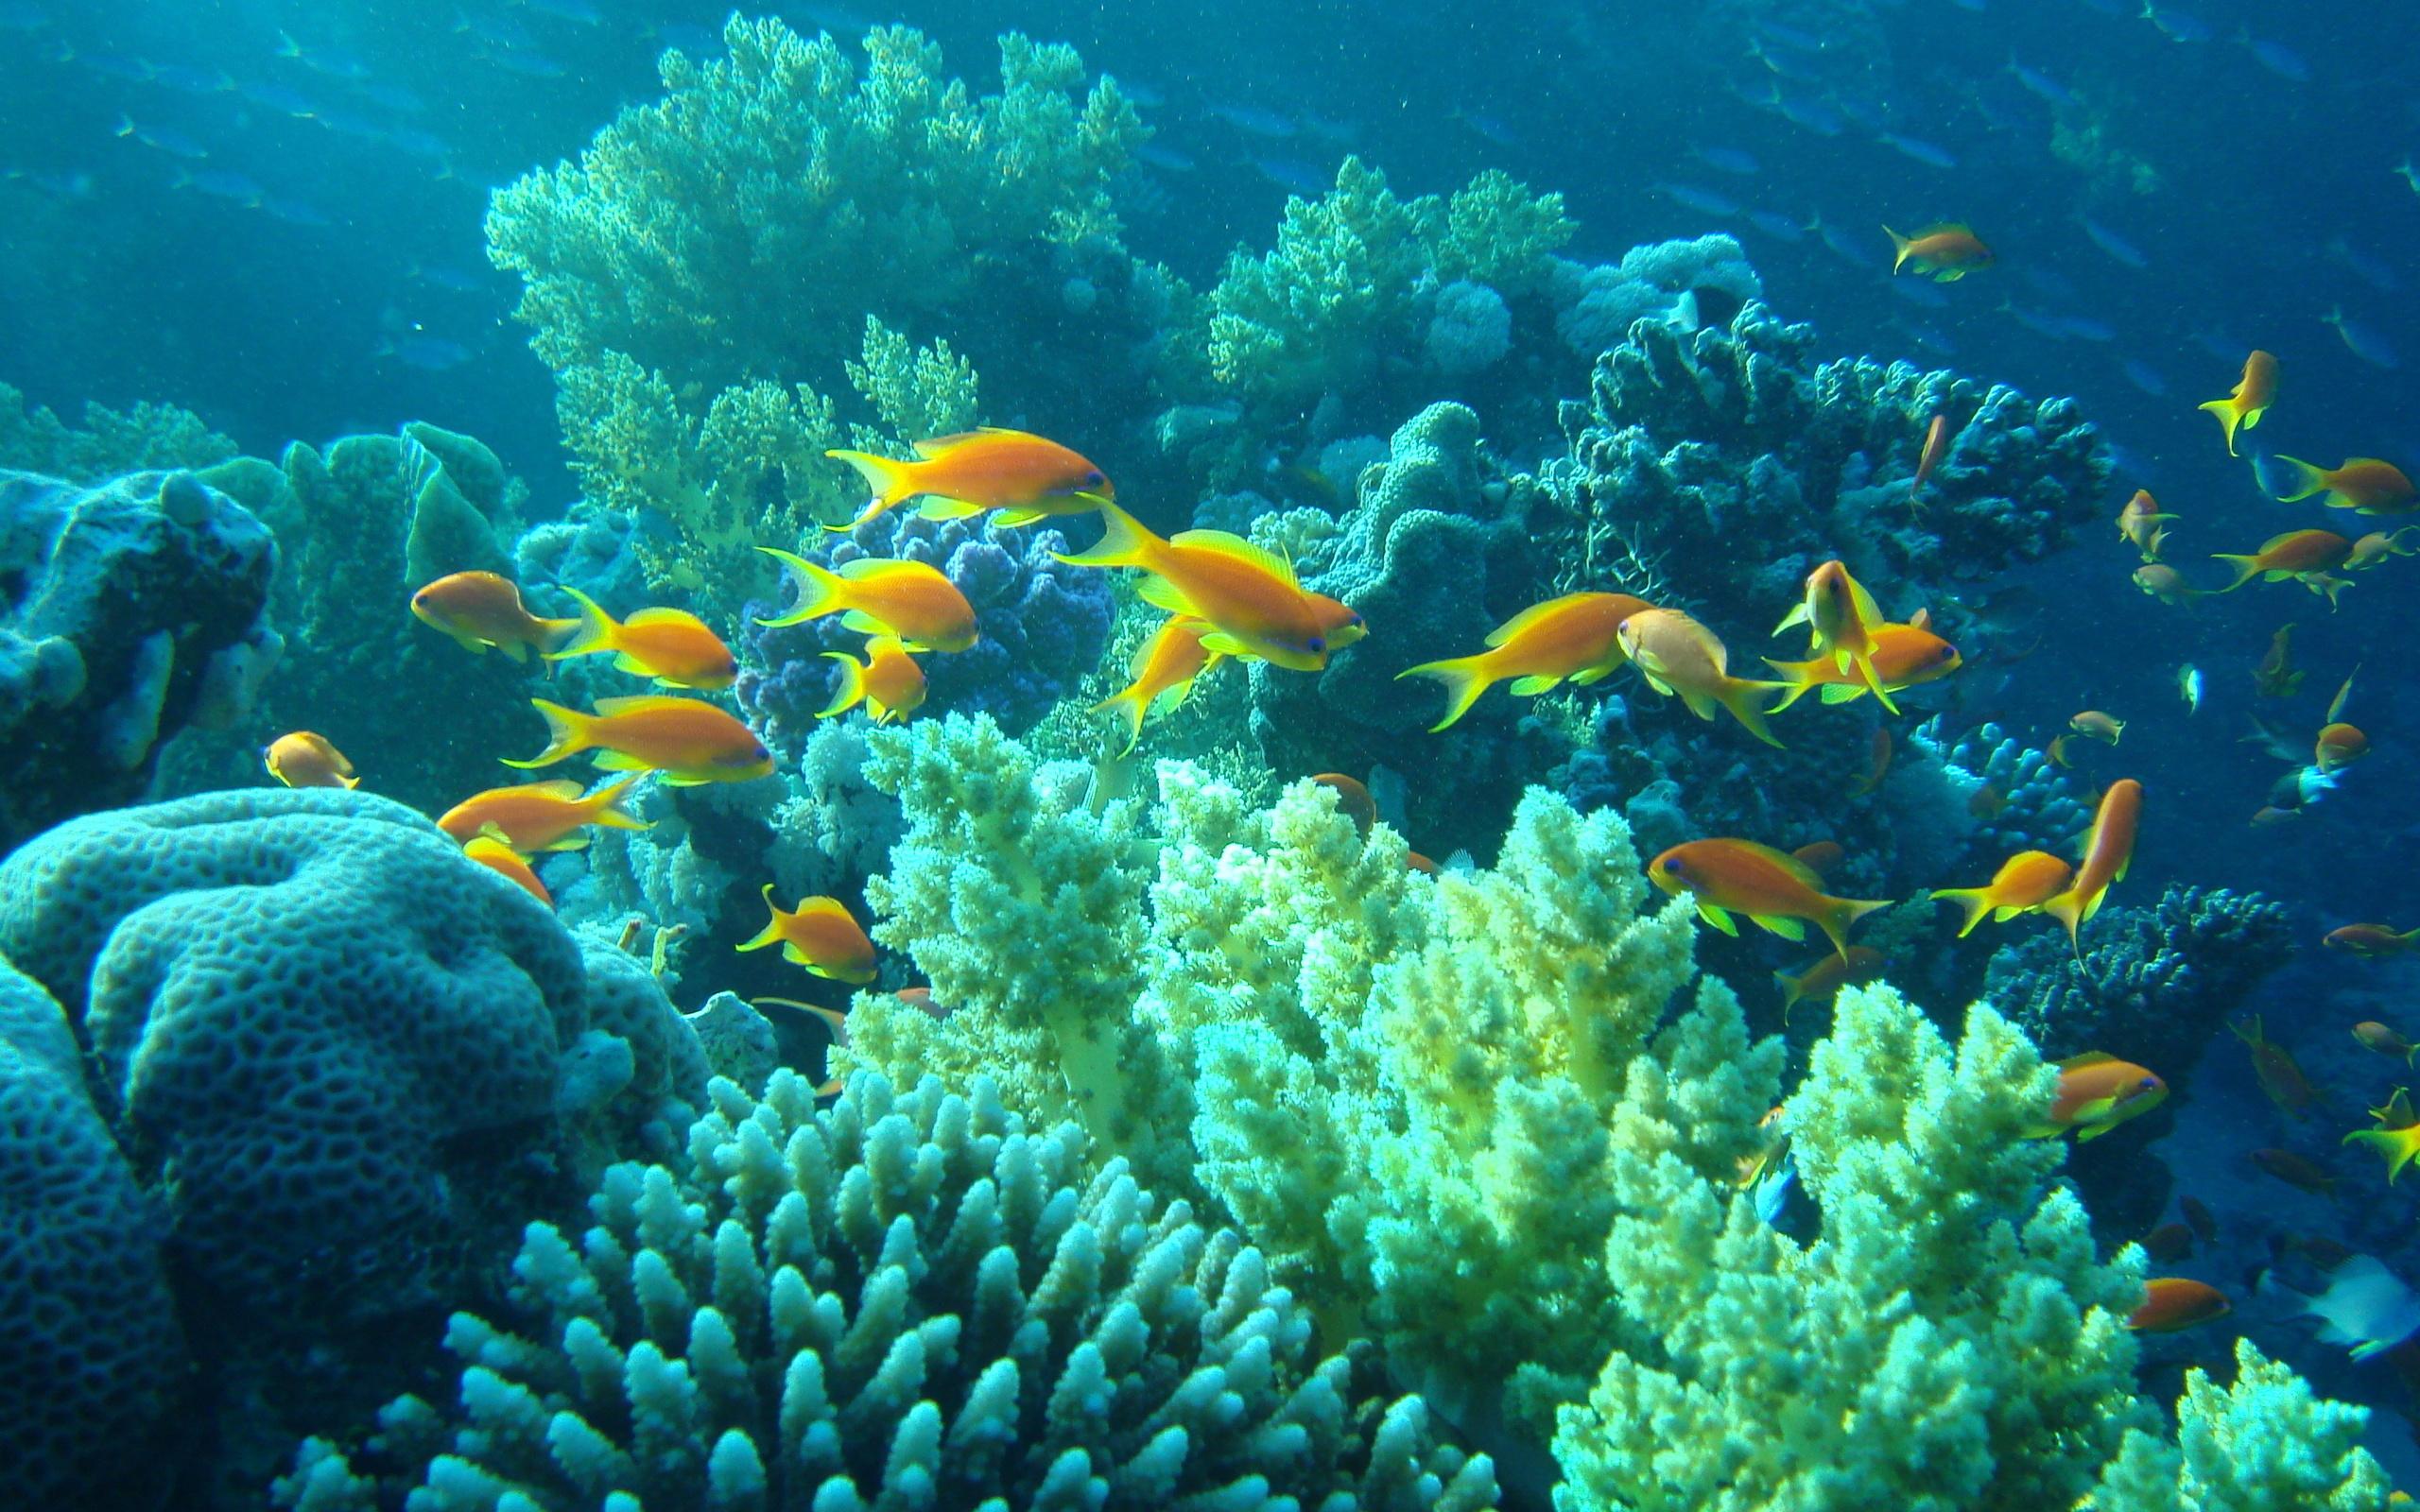 седьмой подводный мир фото красивое картинки одной